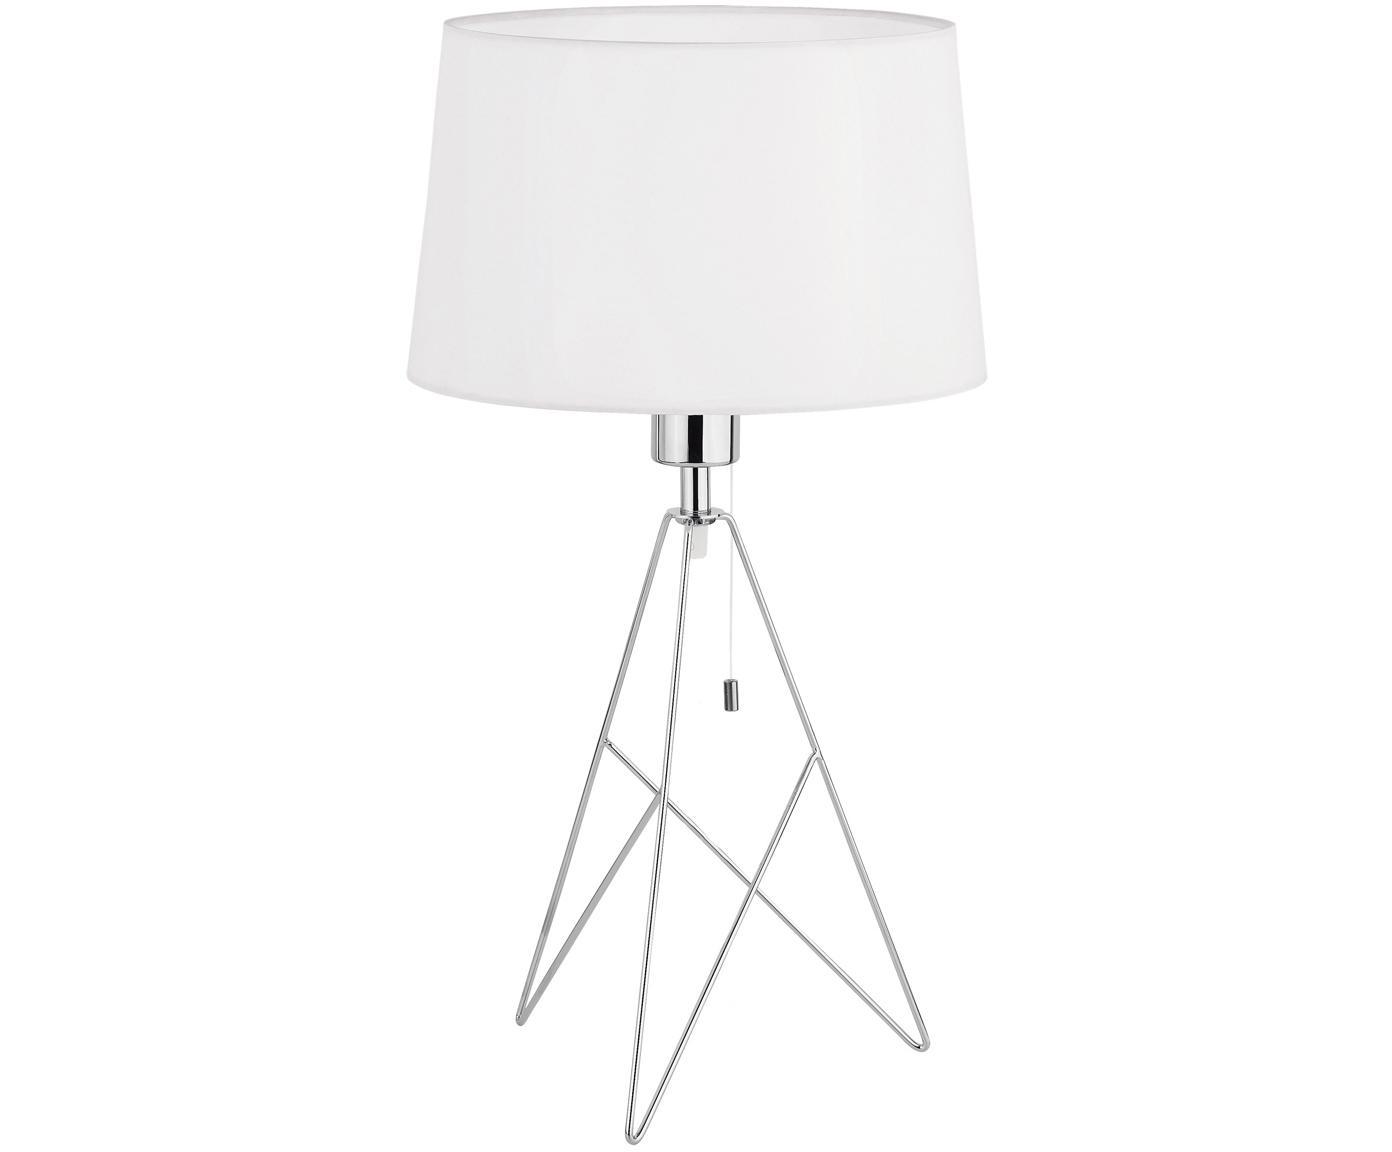 Tischleuchte Camporale in Silber, Lampenfuß: Stahl, verchromt, Weiß, Chrom, Ø 30 x H 56 cm